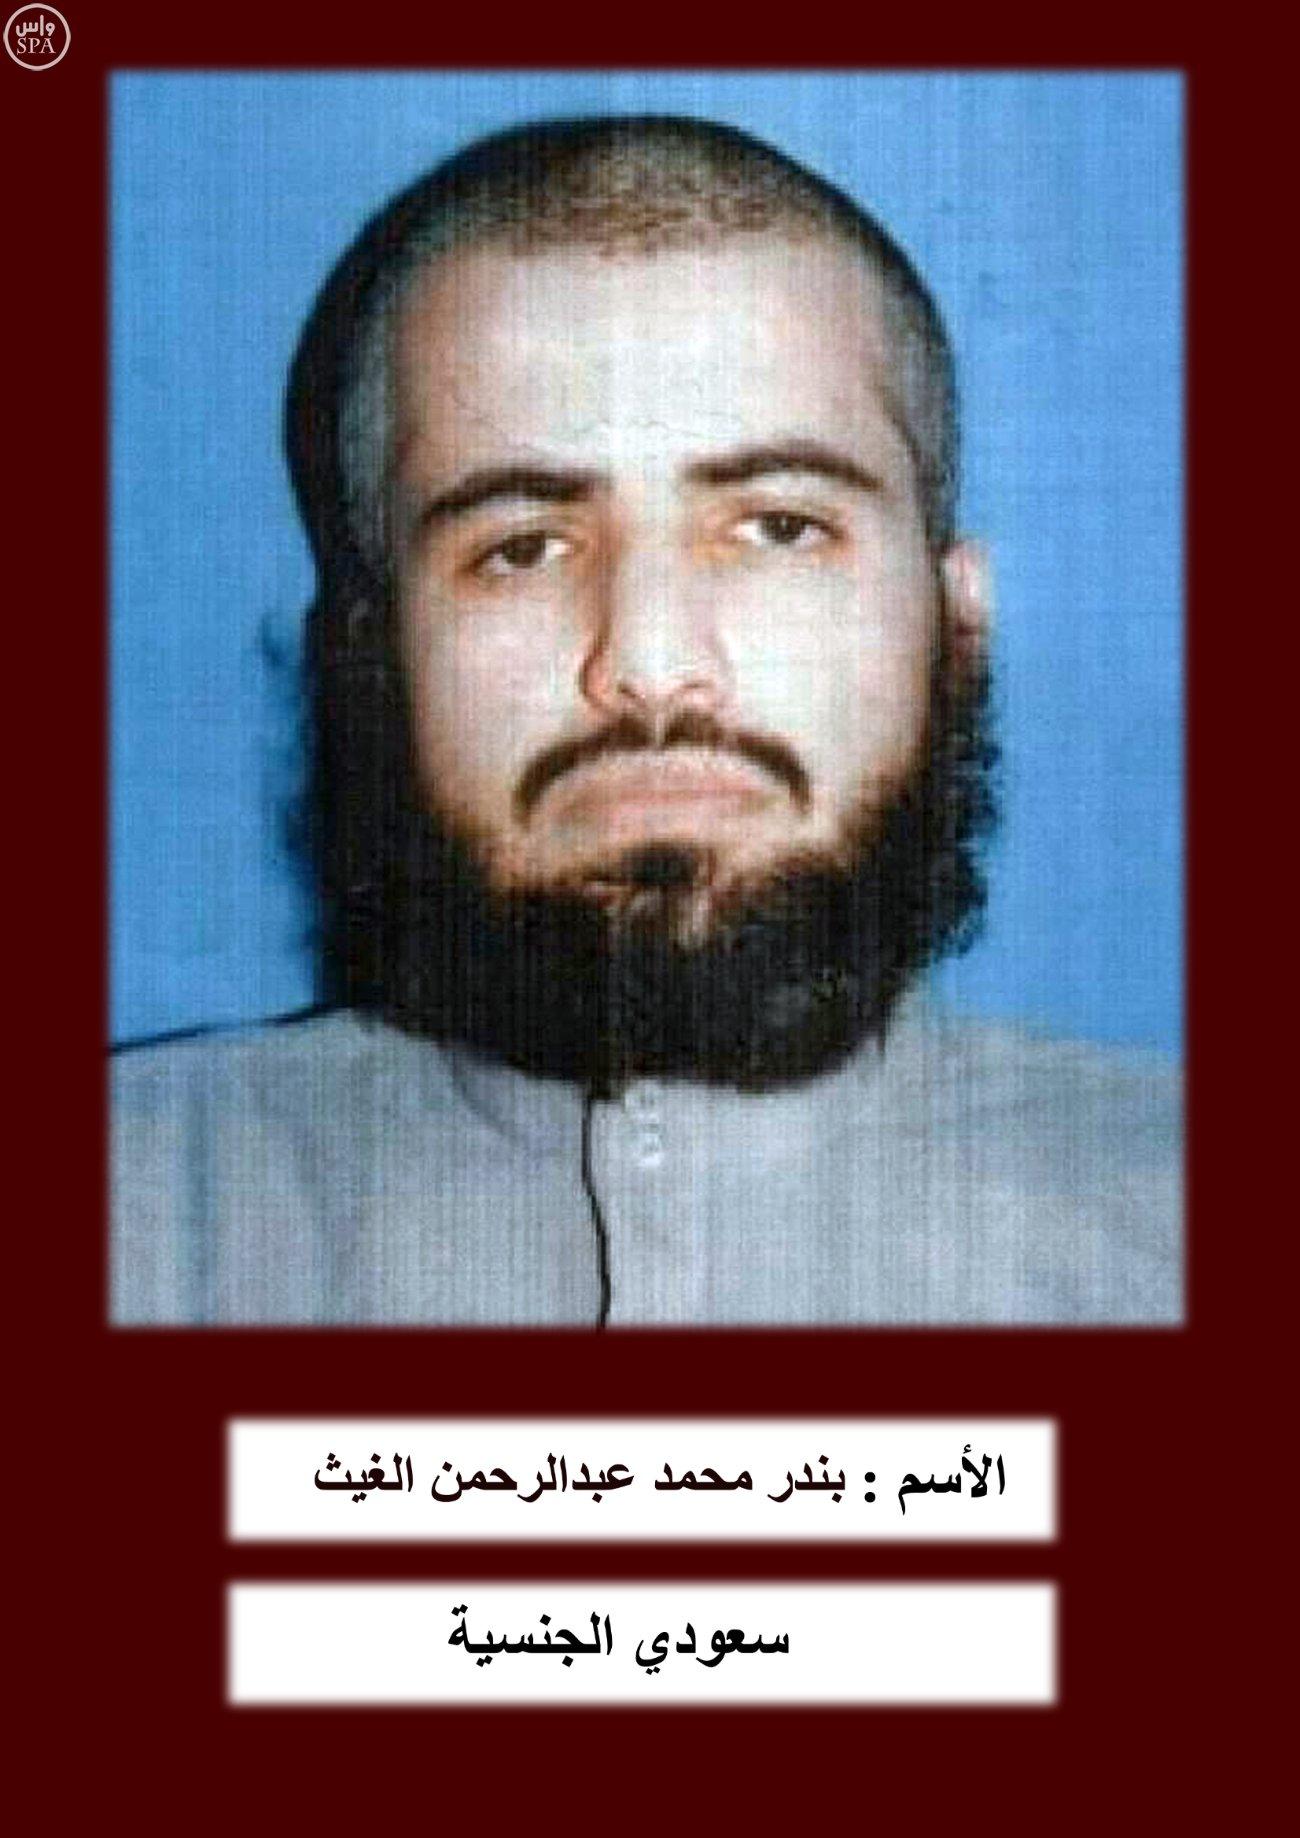 ارهابيين (6)